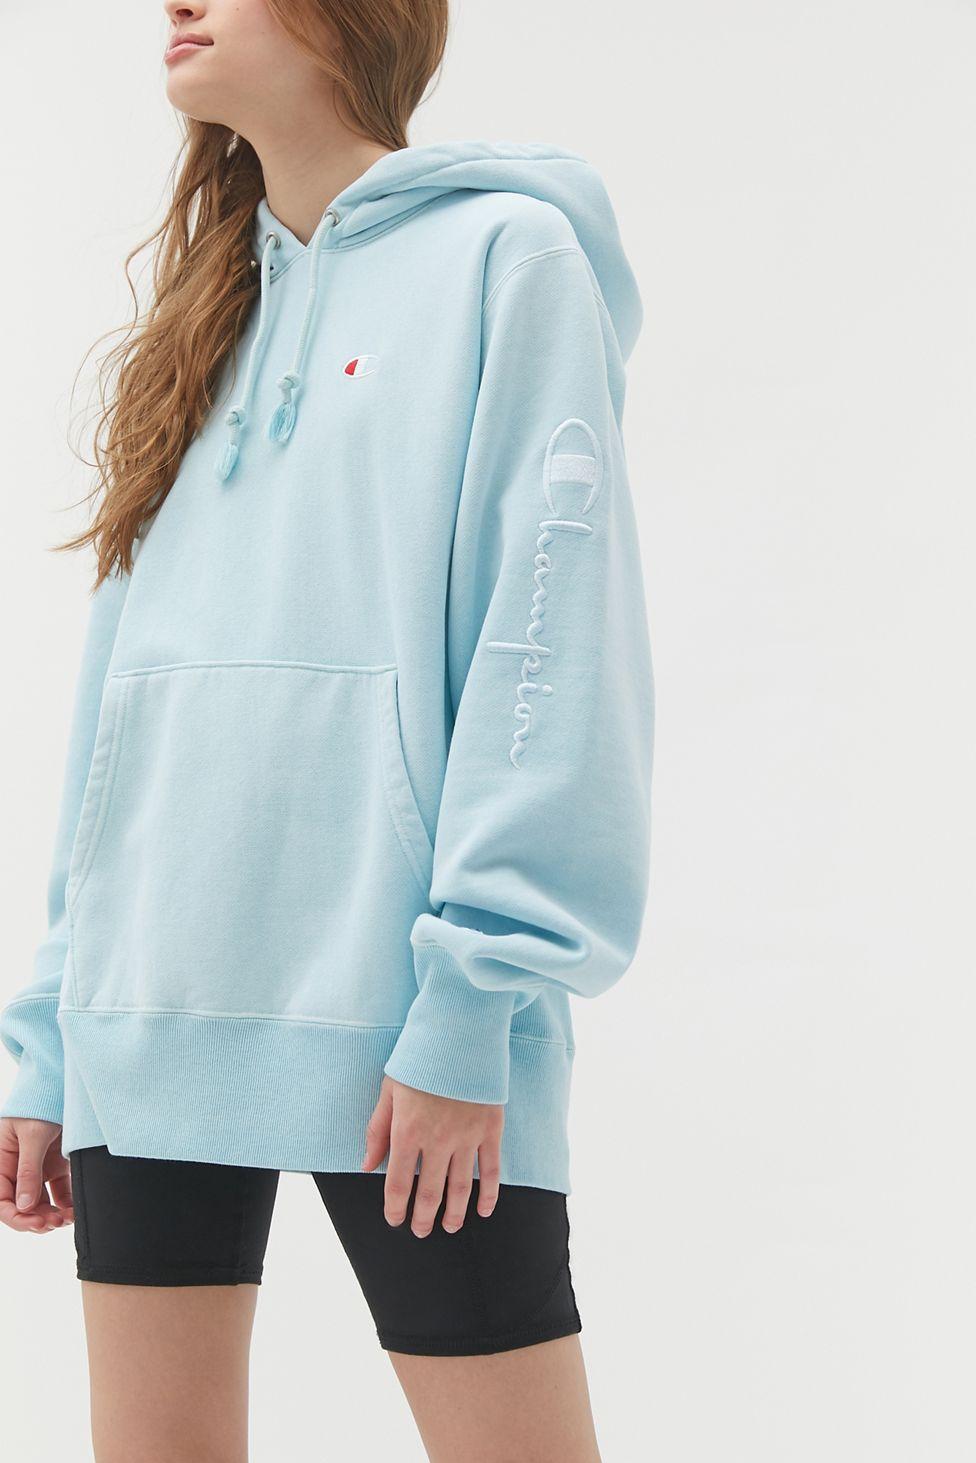 Champion Uo Exclusive Boyfriend Script Sleeve Hoodie Sweatshirt In 2020 Sweatshirts Hoodie Tennis Skirt Outfit Oversized Hoodie Sweatshirts [ 1463 x 976 Pixel ]